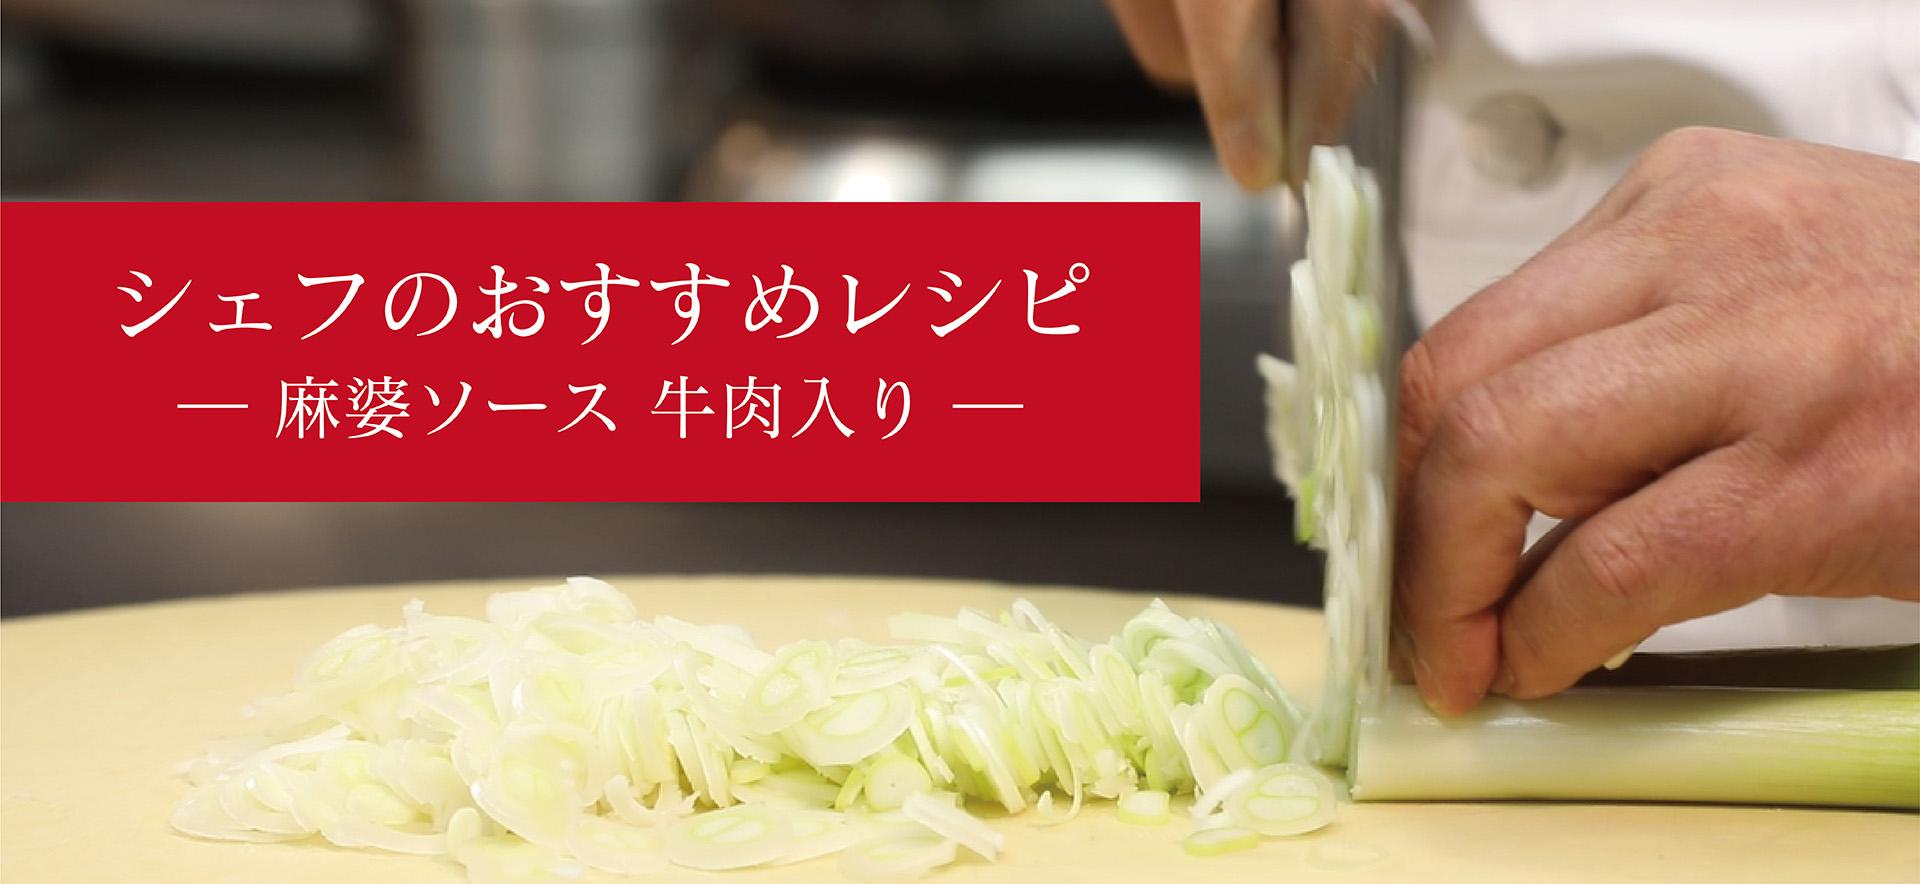 レトルトスープ・カレー 新発売